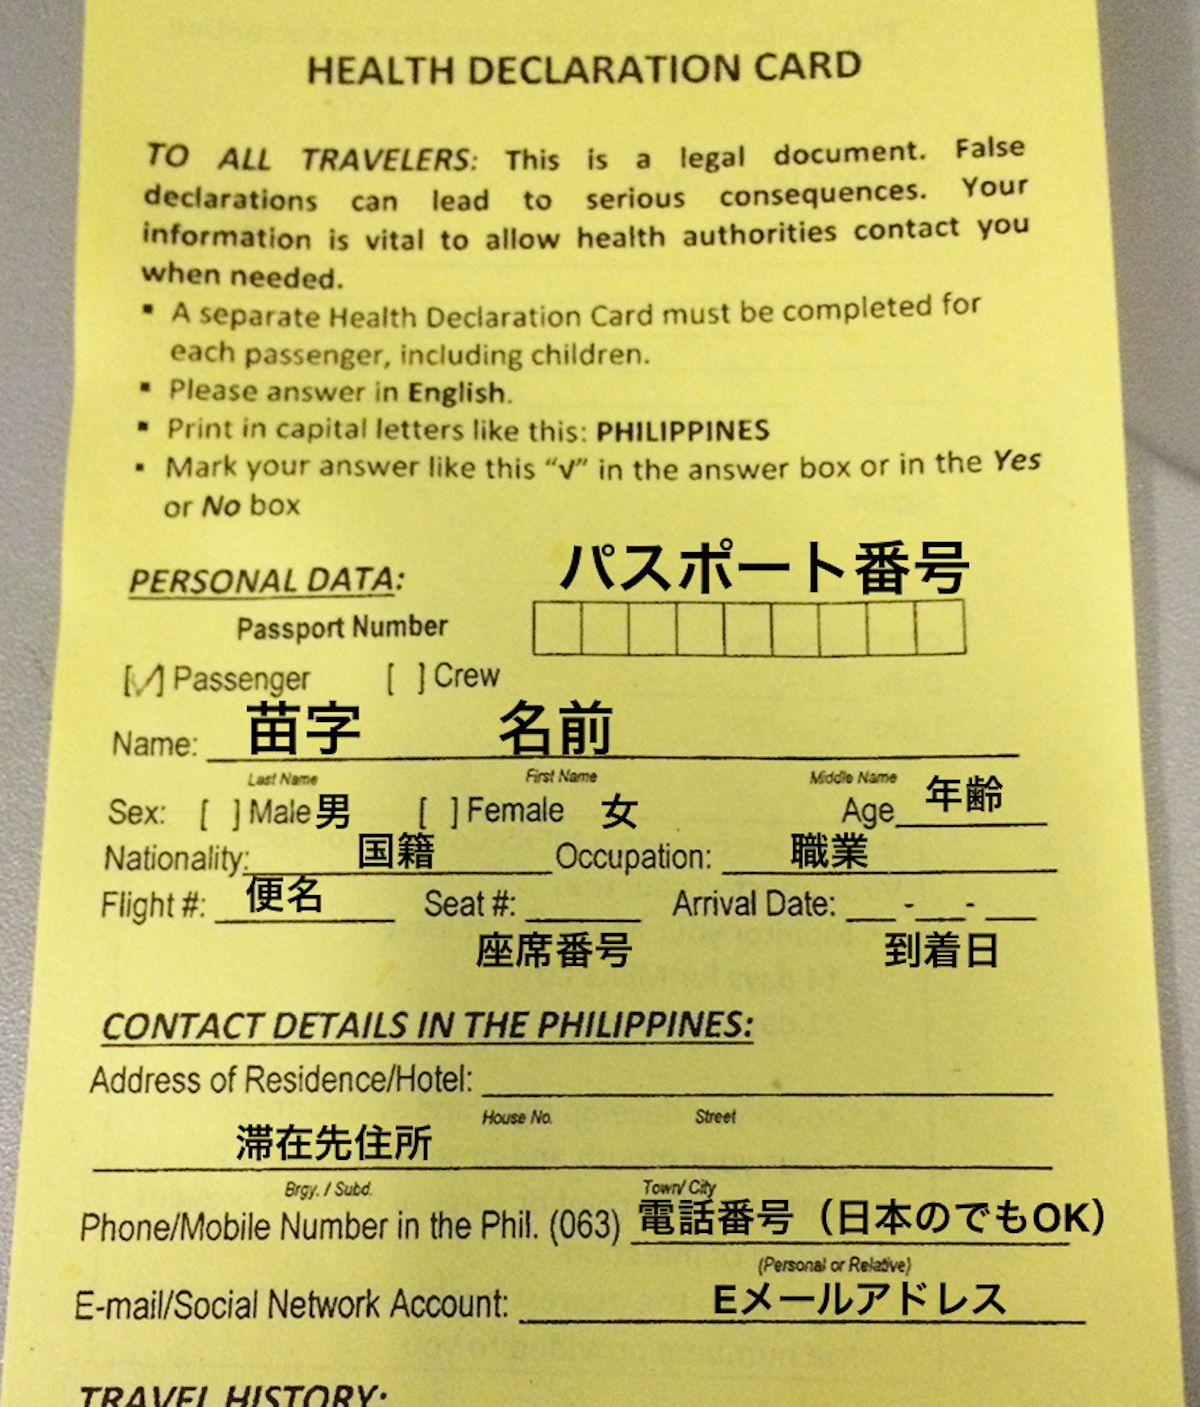 フィリピン健康状態チェックシートの書き方